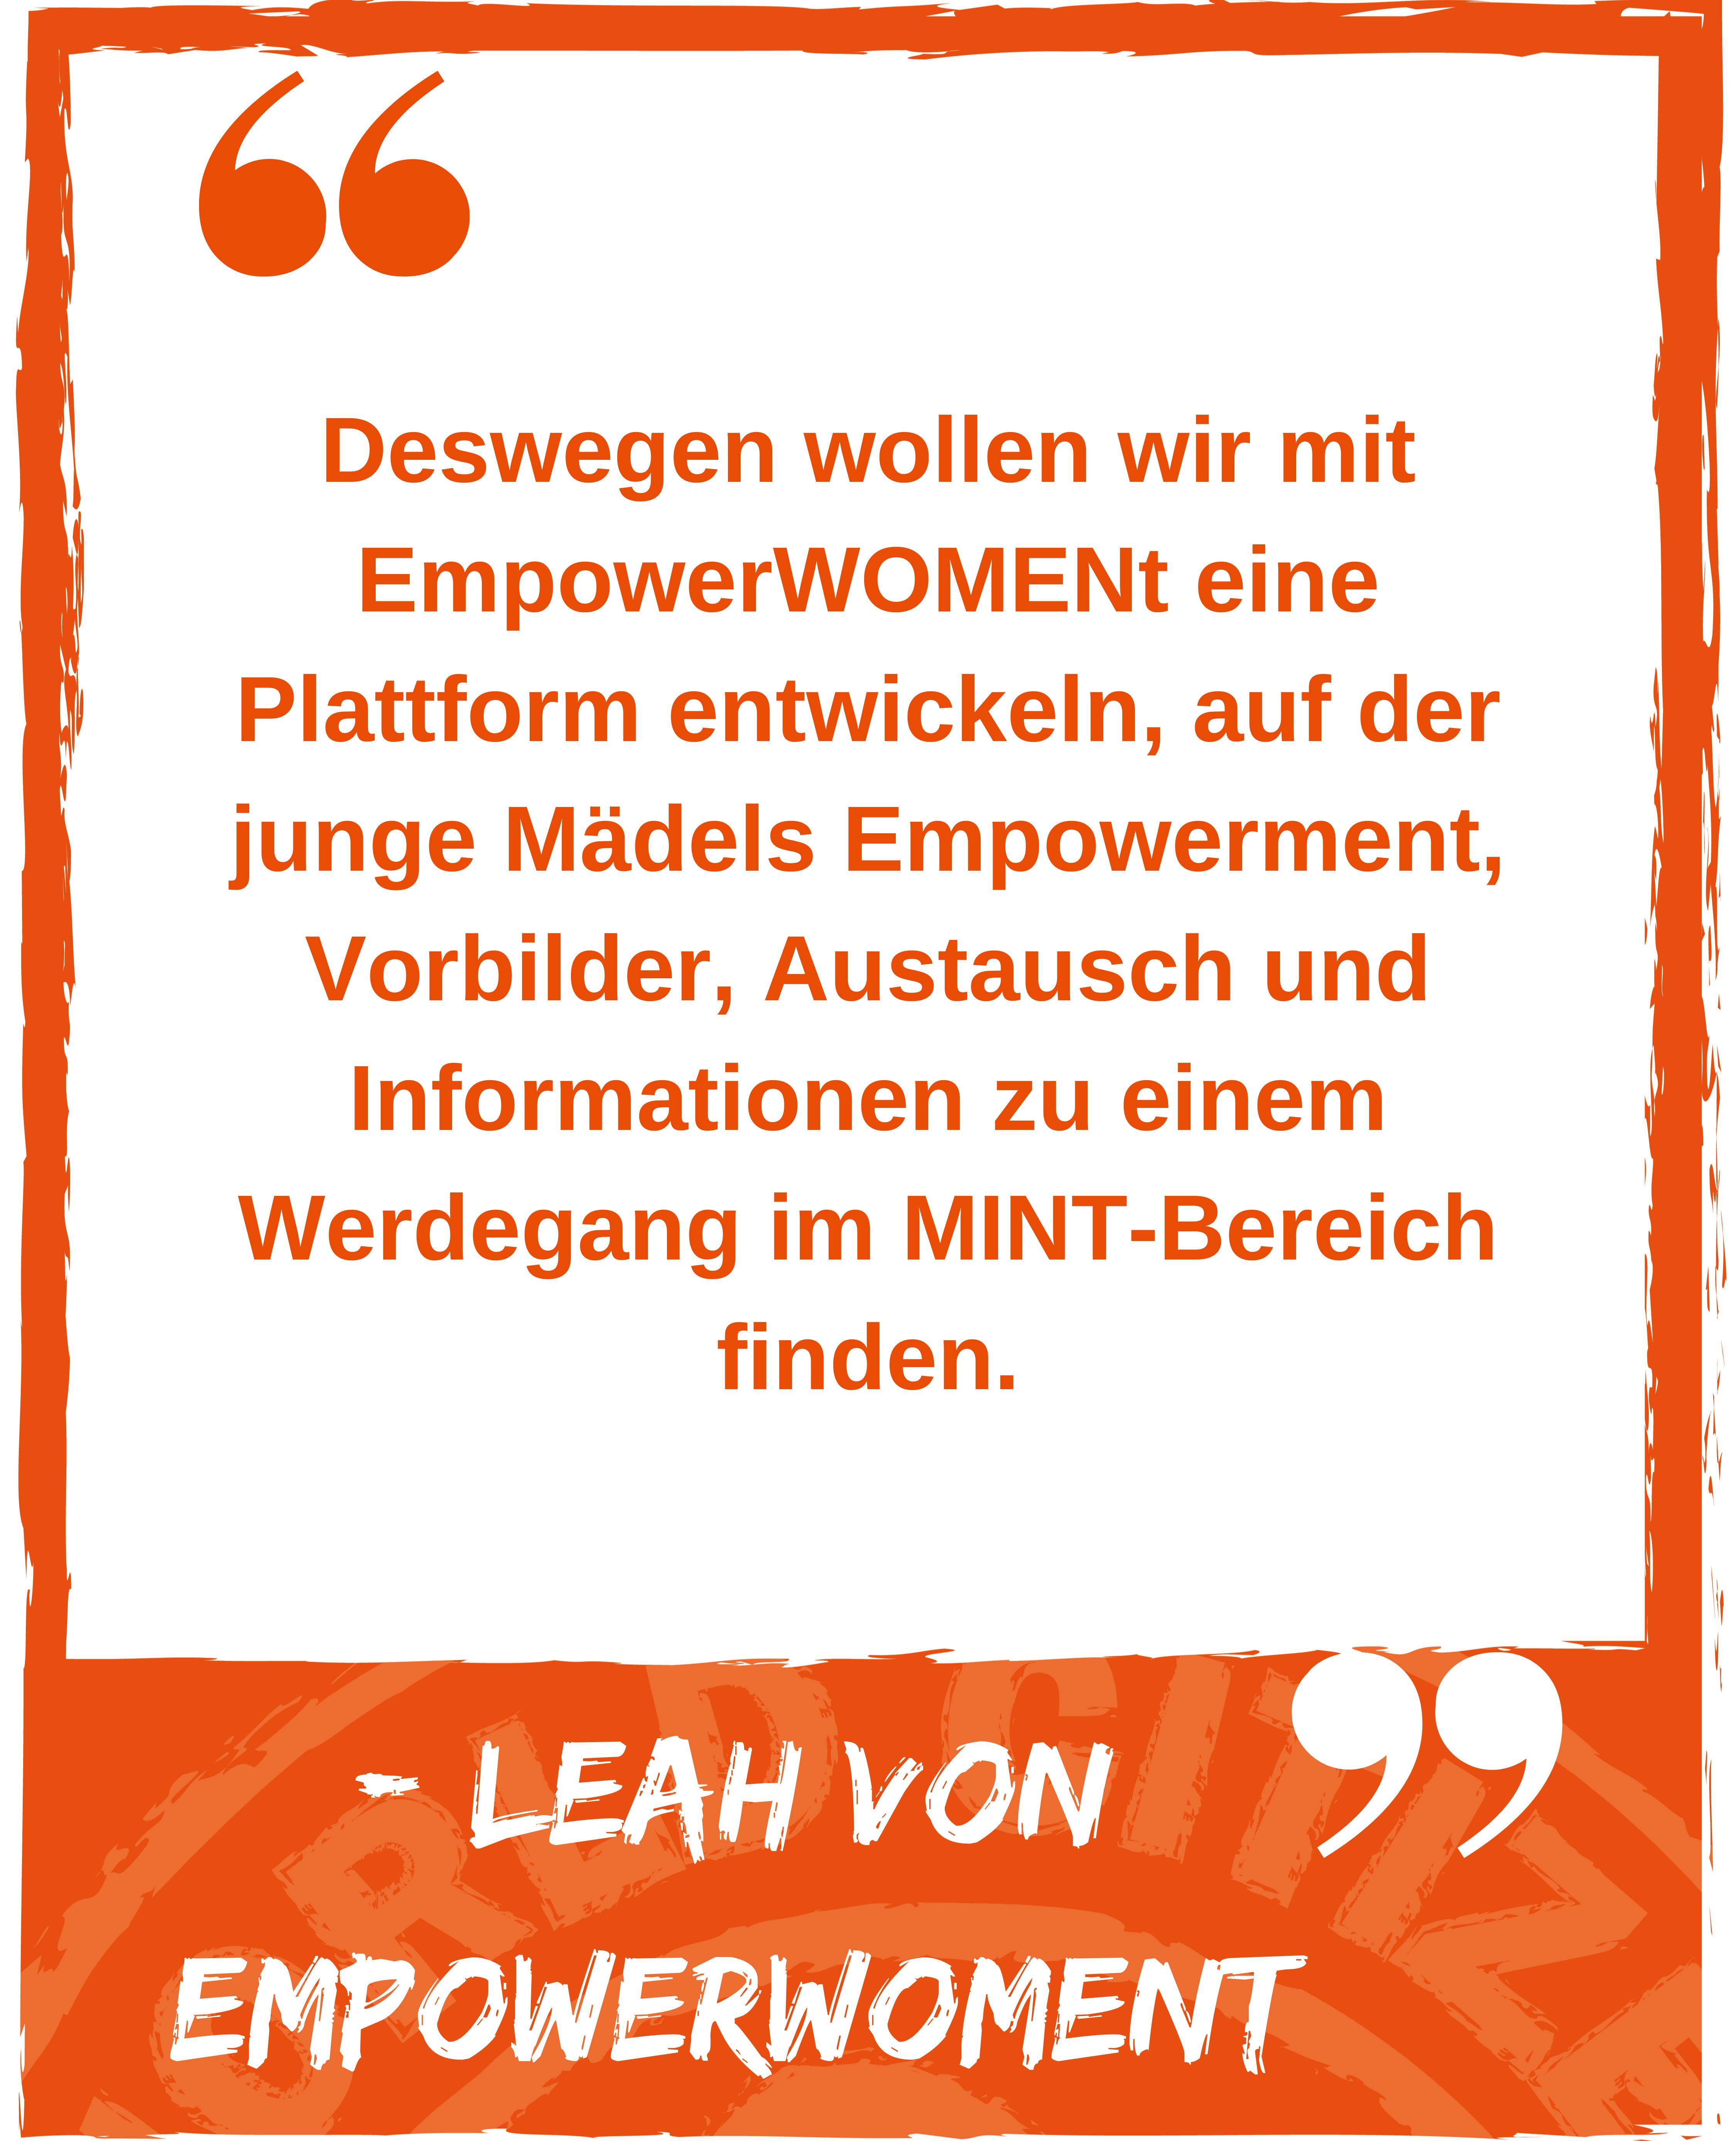 Zitat: Deswegen wollen wir mit EmpowerWOMENt eine Plattform entwickeln, auf der junge Mädels Empowerment, Vorbilder, Austausch und Informationen zu einem Werdegang im MINT-Bereich finden. Leah von Empowerwoment